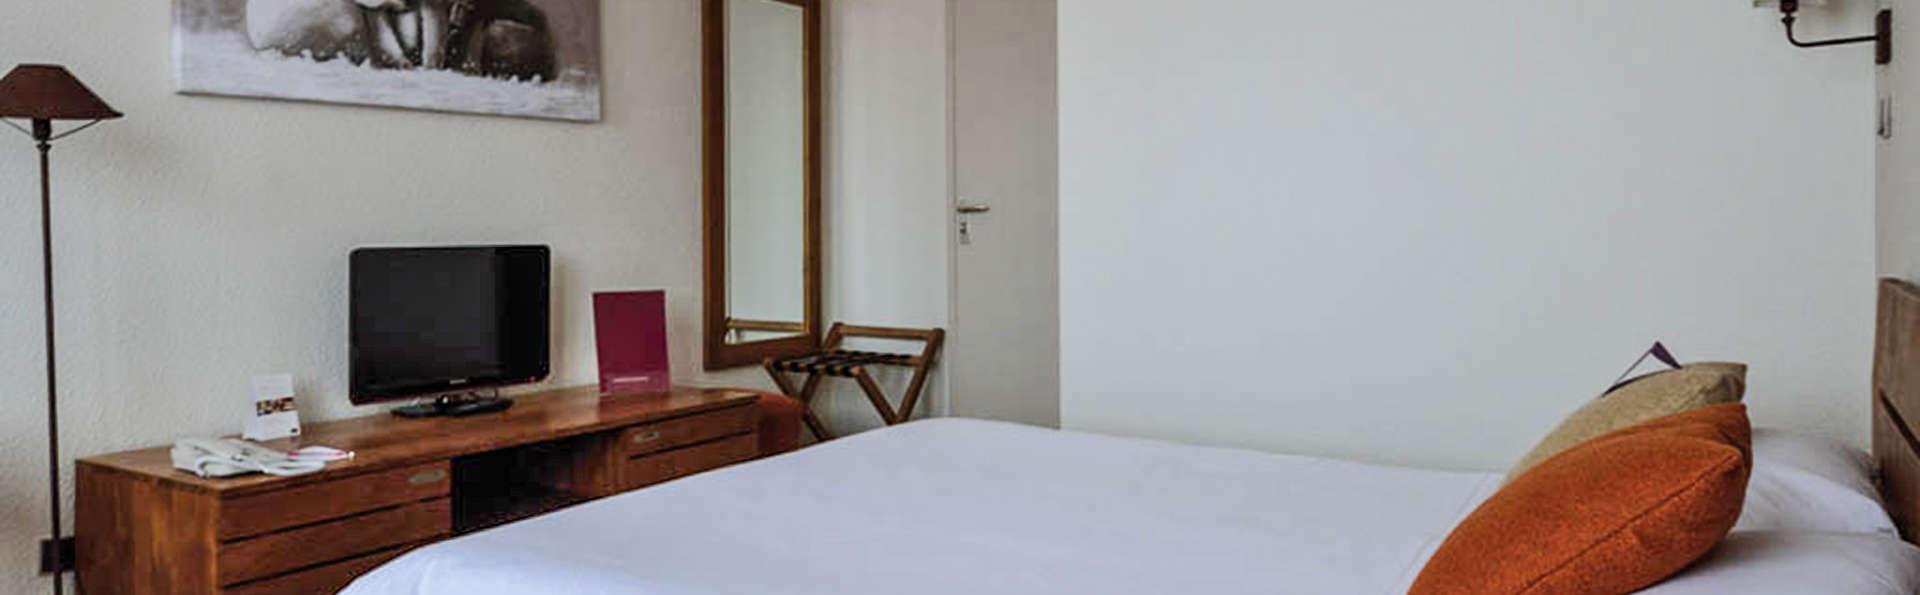 Hôtel Vacances Bleues Belle Plagne - EDIT_ROOM_02.jpg